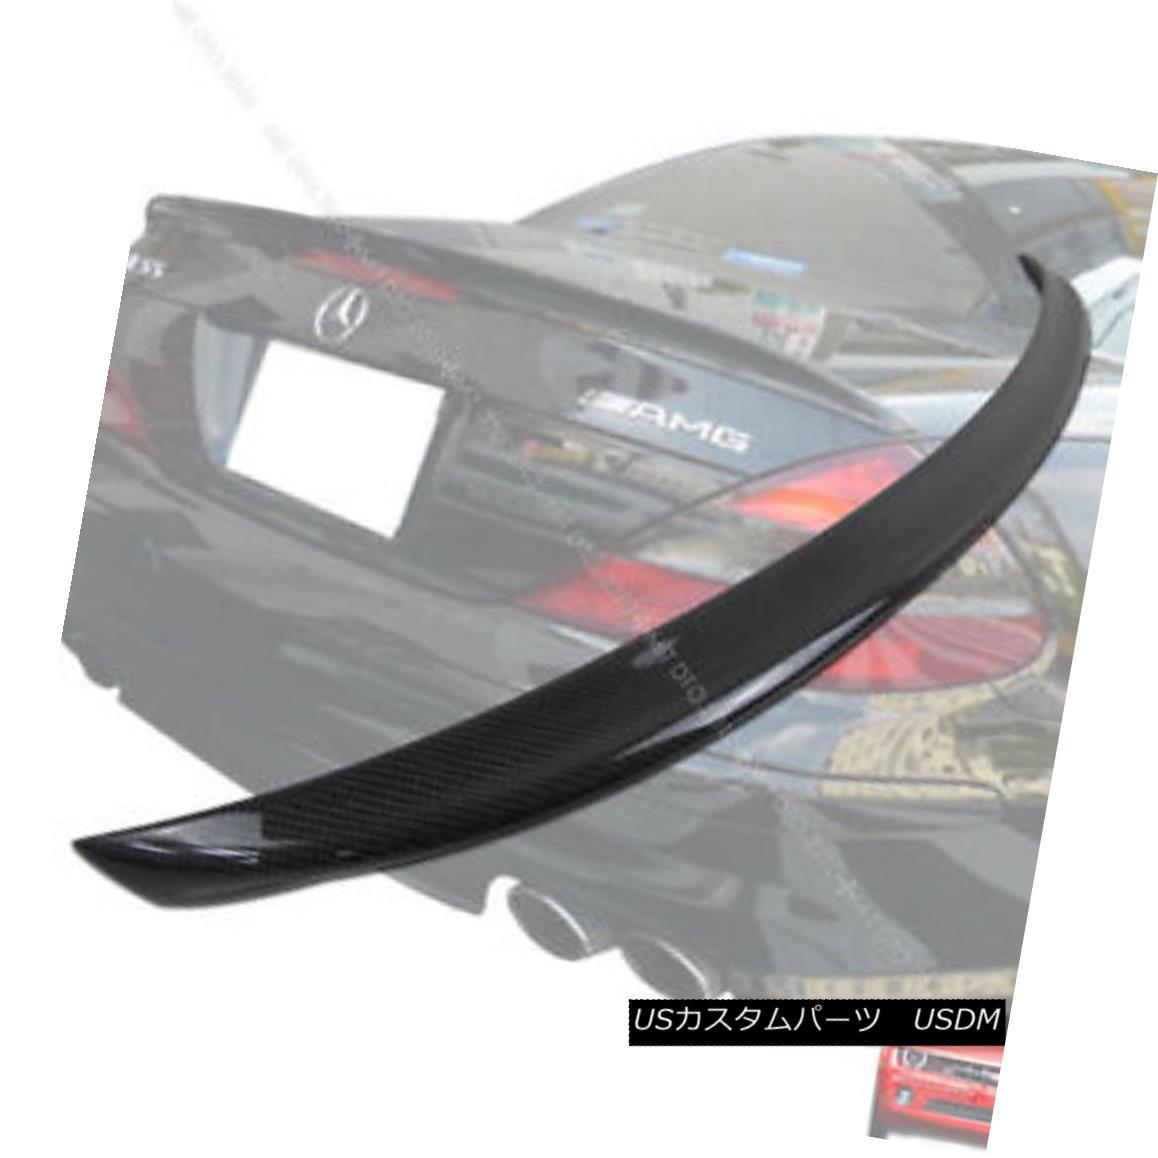 エアロパーツ Carbon Fiber Mercedes BENZ R230 A Trunk Spoiler Rear Wing 03-11 炭素繊維メルセデスベンツR230トランクスポイラーリアウイング03-11